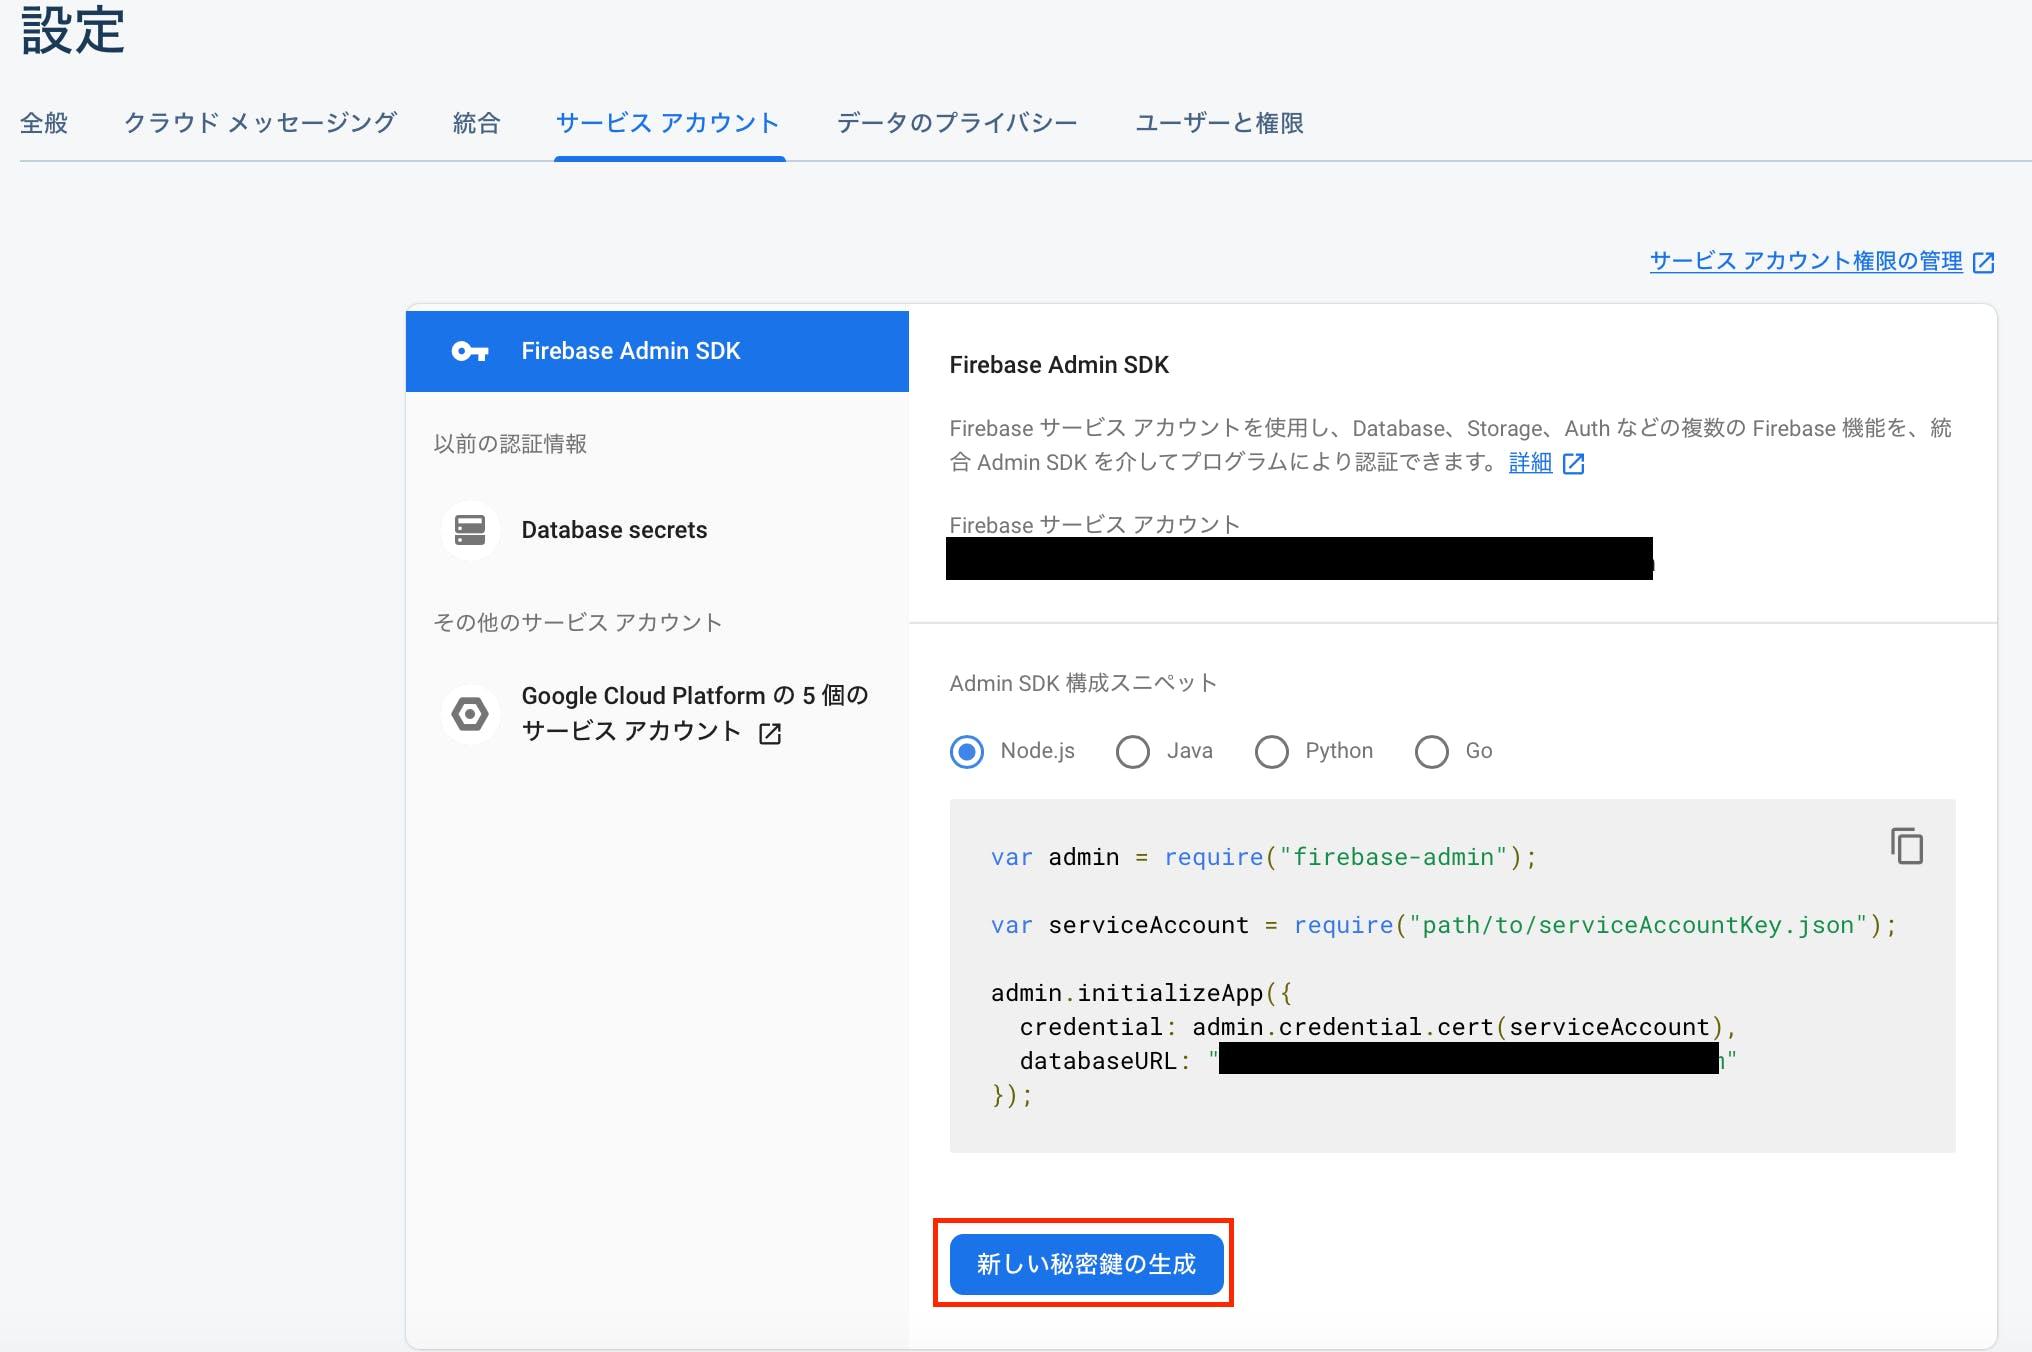 スクリーンショット 2019-10-16 0.52.11.png